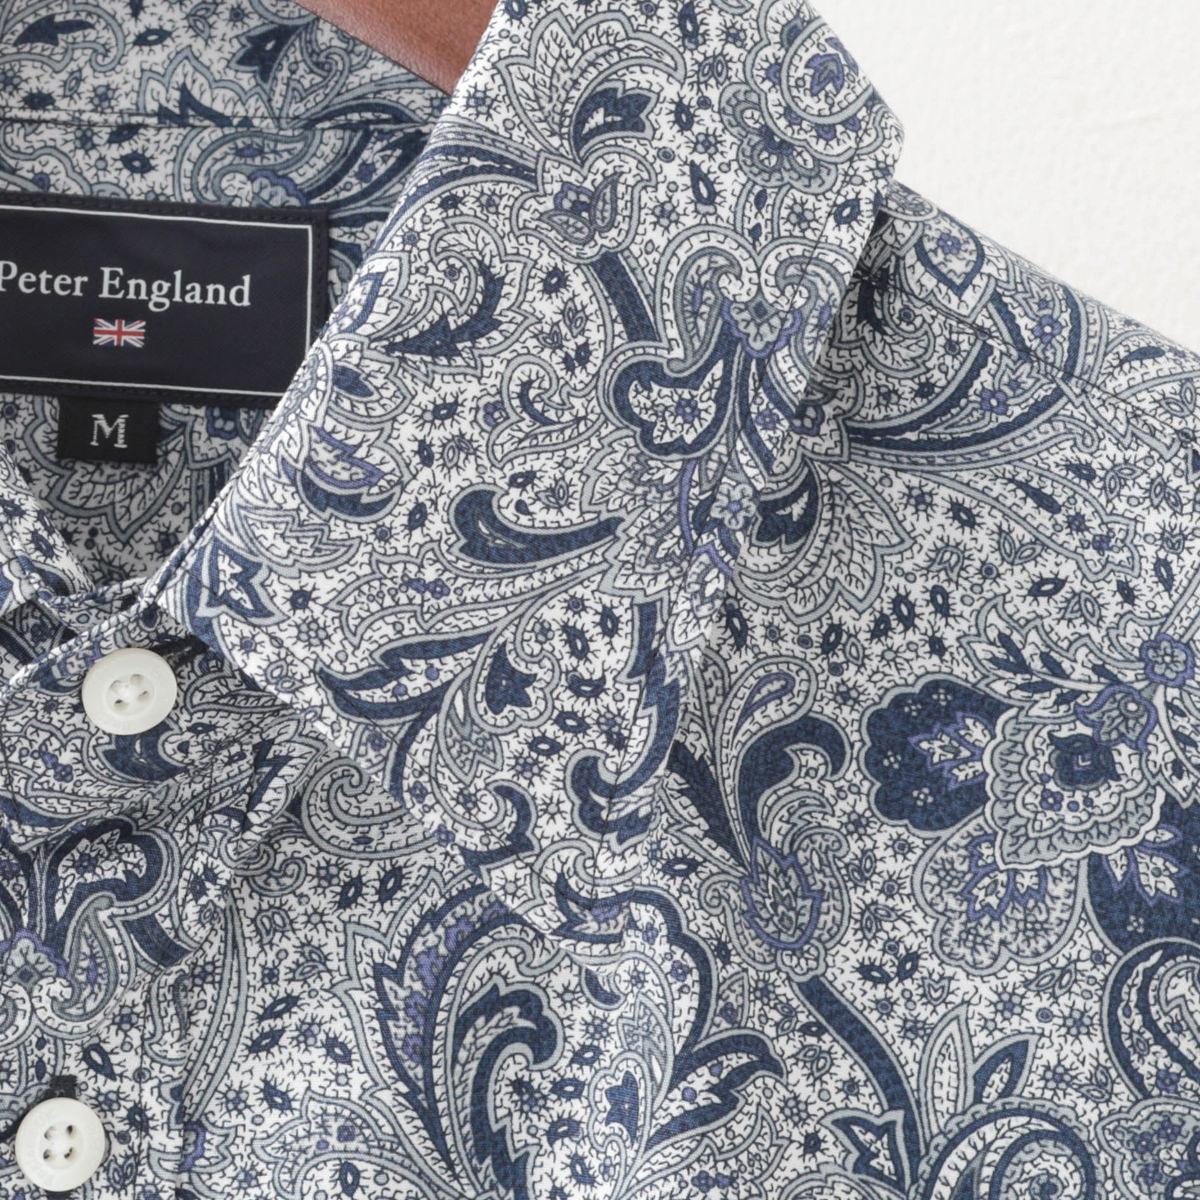 英国老舗ブランド 日本縫製 メンズ 長袖シャツ ペイズリープリント ホワイト コットン UKデザイン プレミアムコットン カジュアル ピーターイングランド